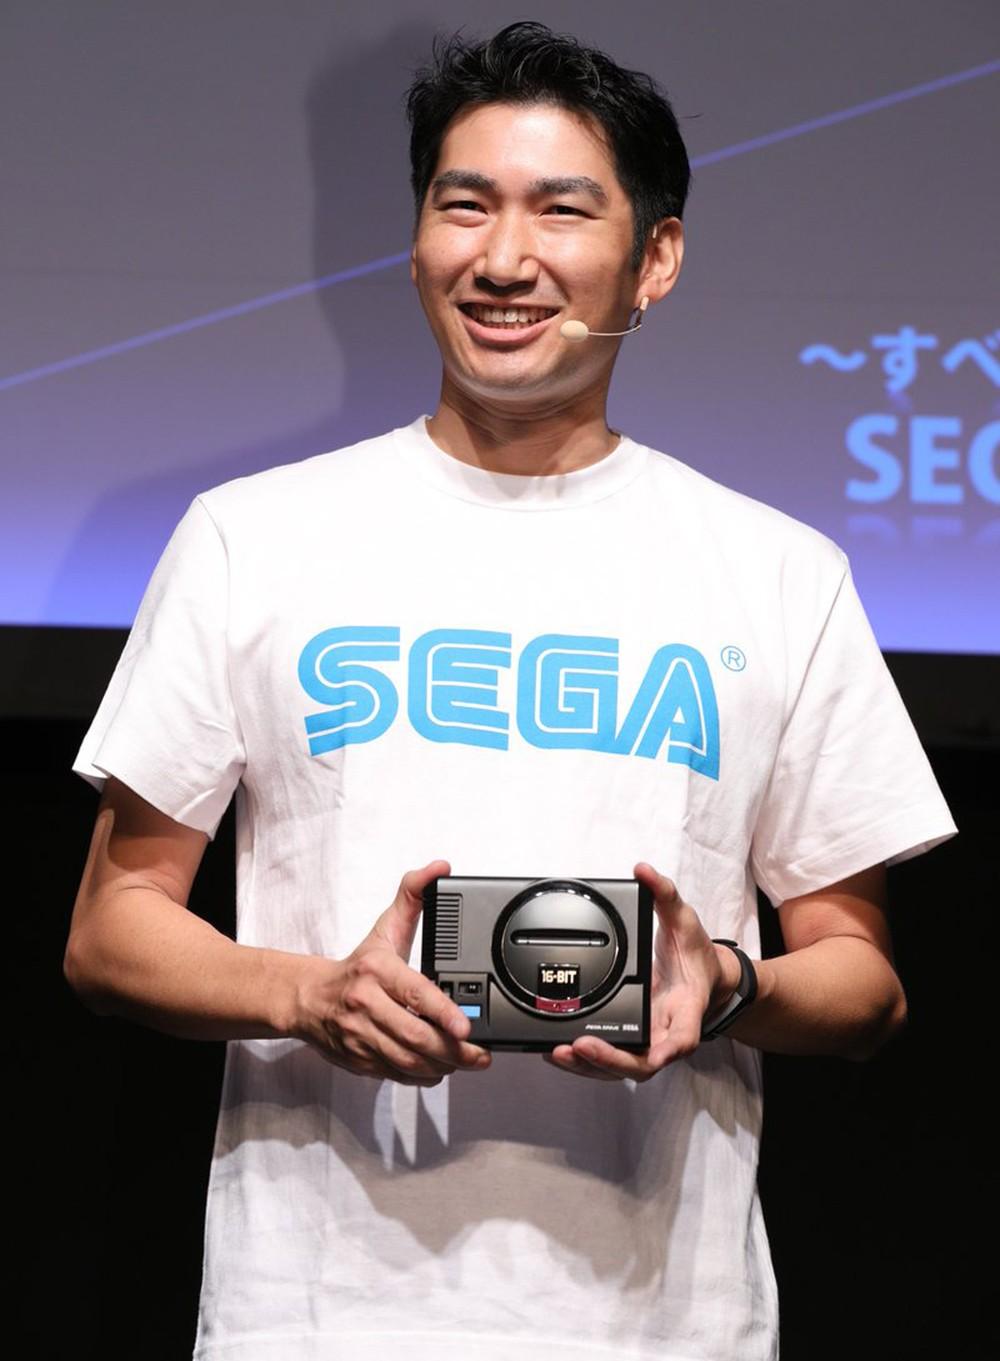 Sega anuncia lançamento de Mega Drive miniatura em comemoração aos 30 anos do videogame